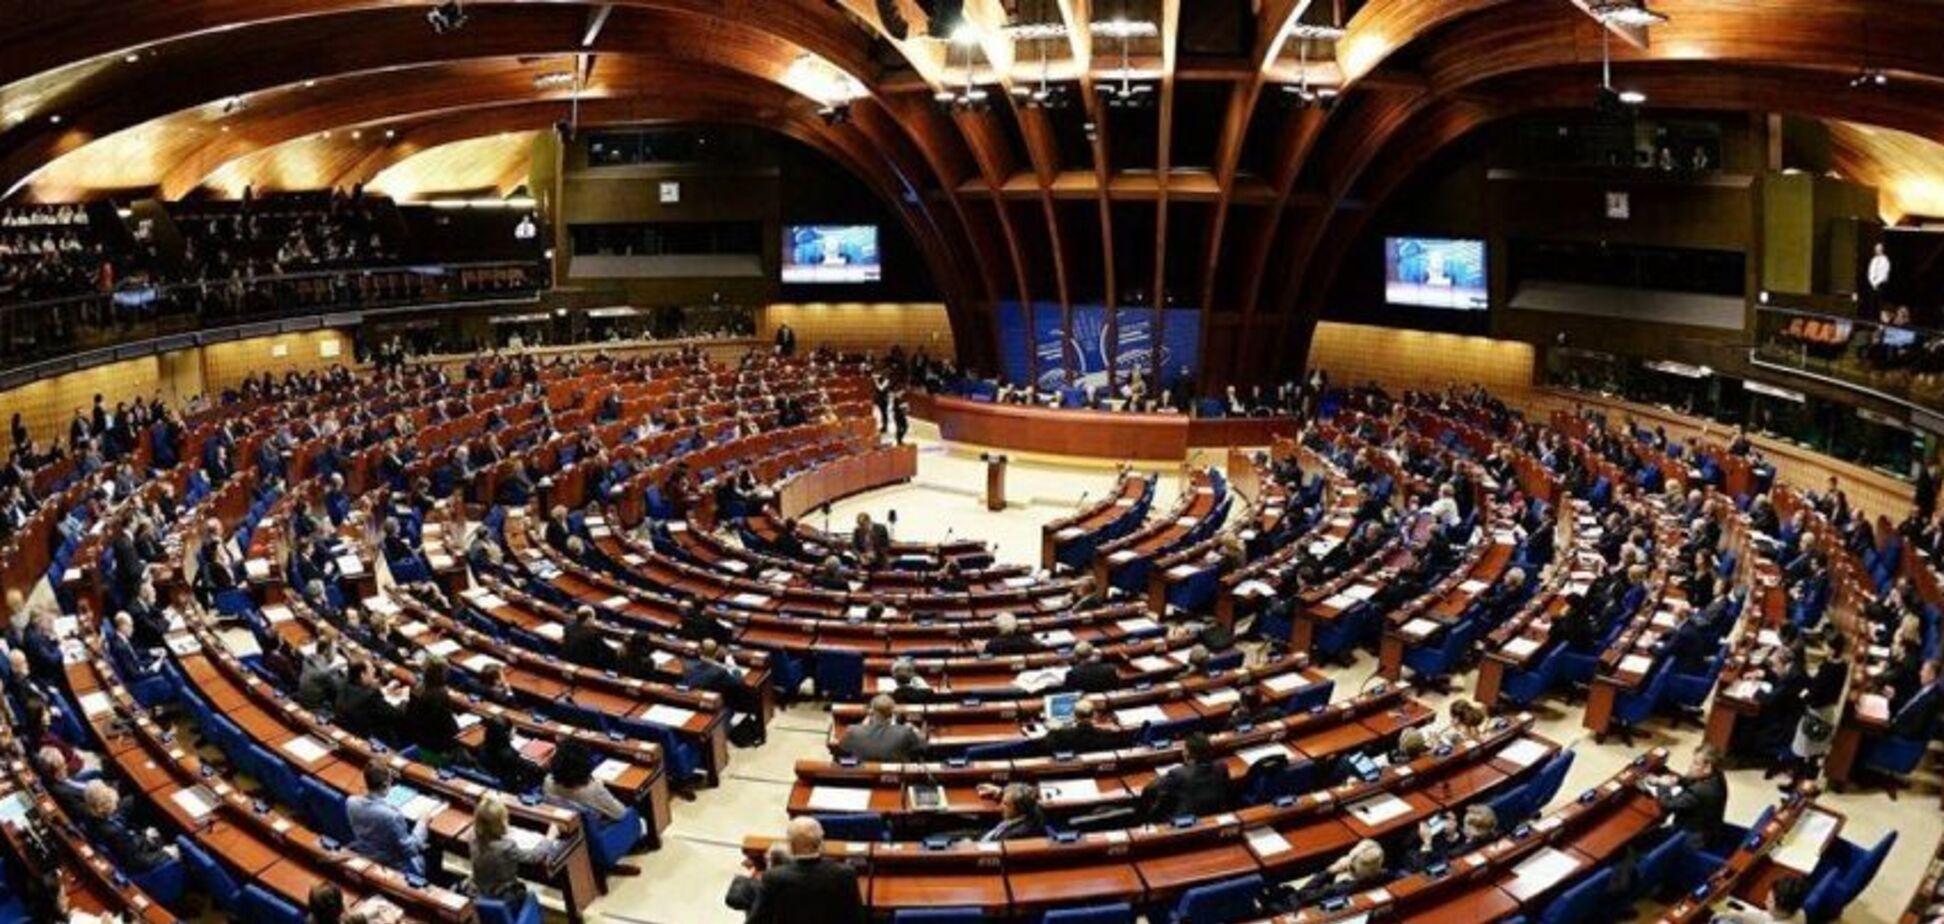 ЕС потребовал у России вернуть Крым: детали решения